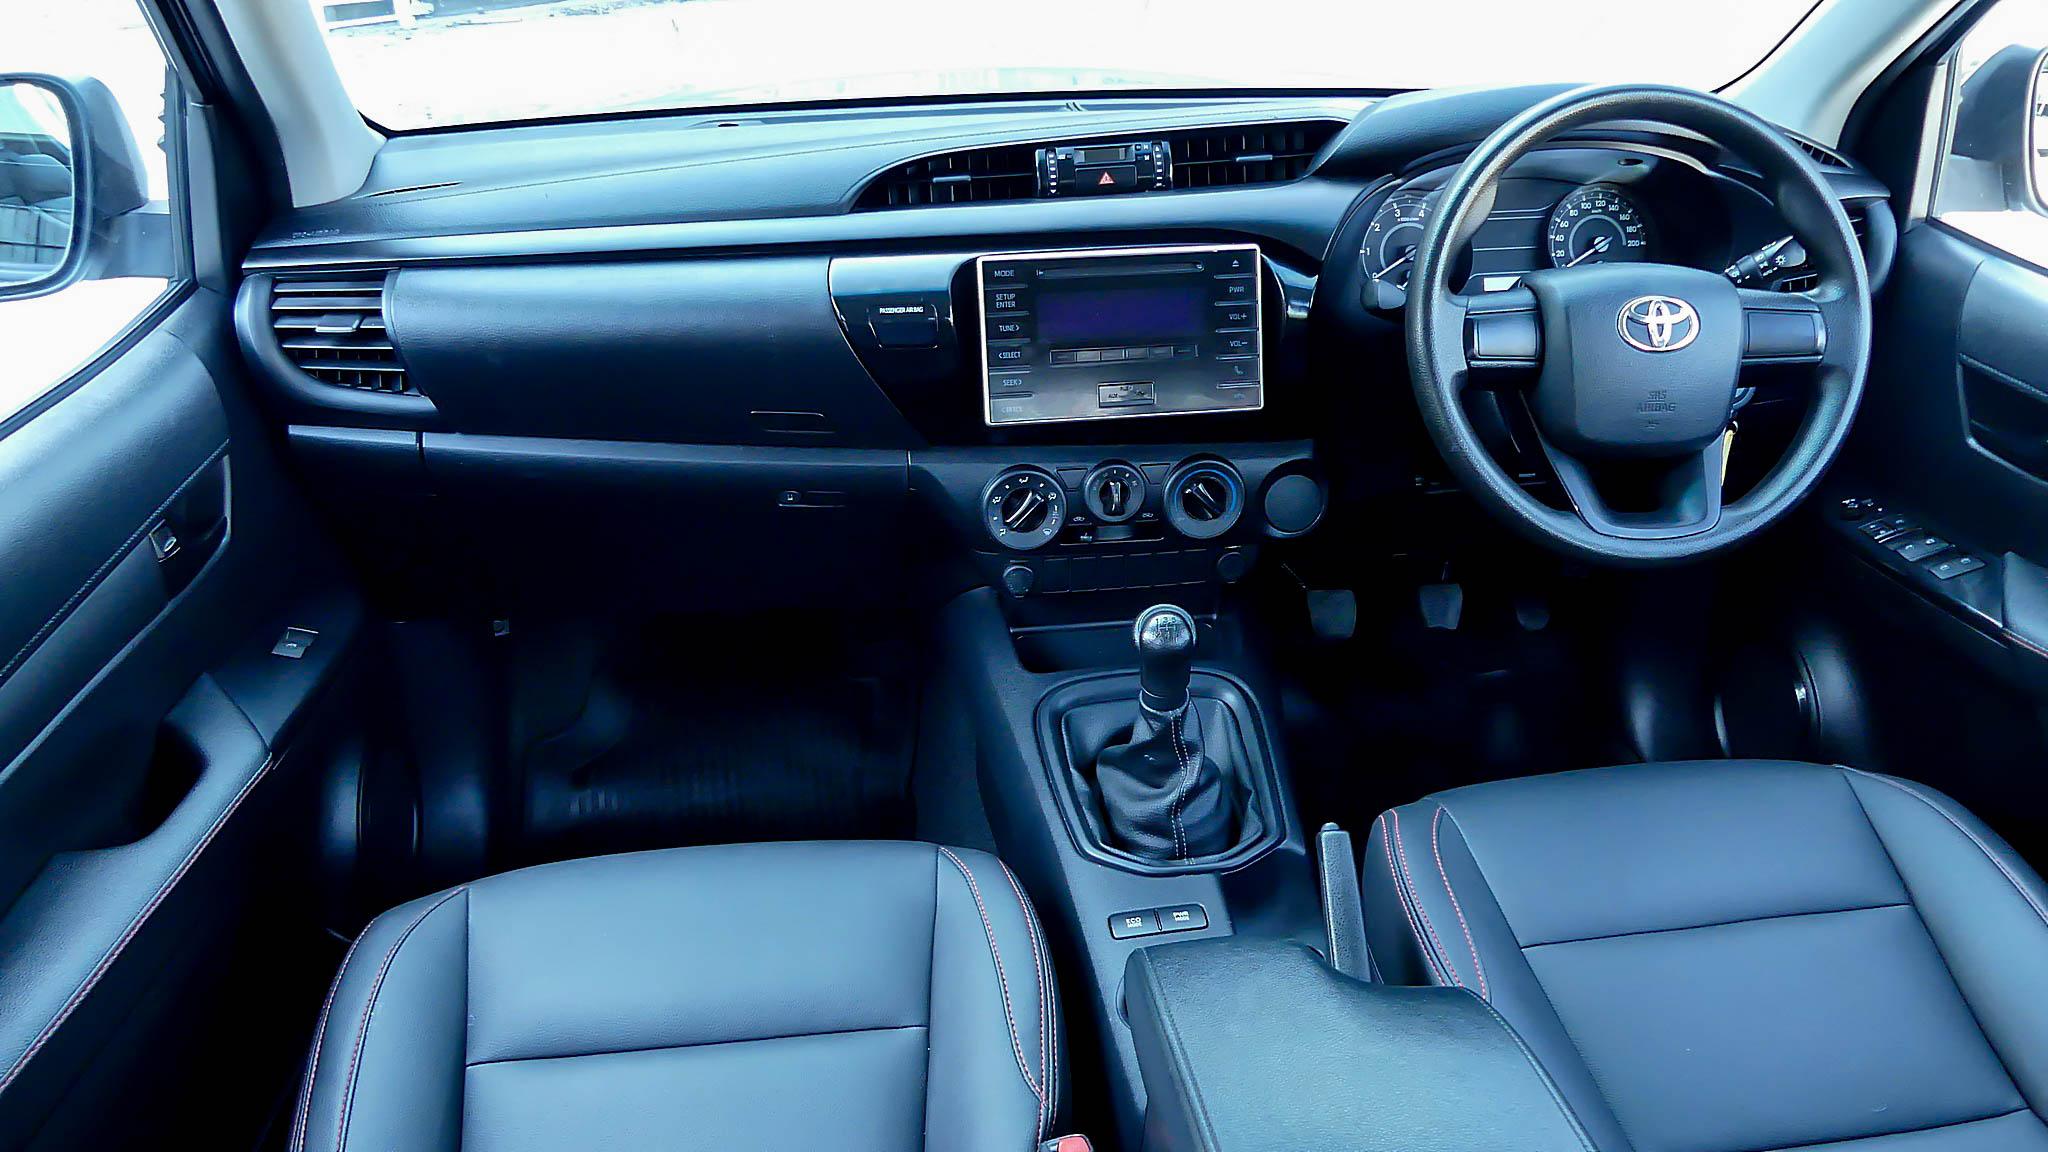 Toyota Revo Smart Cab 2.4 J+ / MT ปี 2015